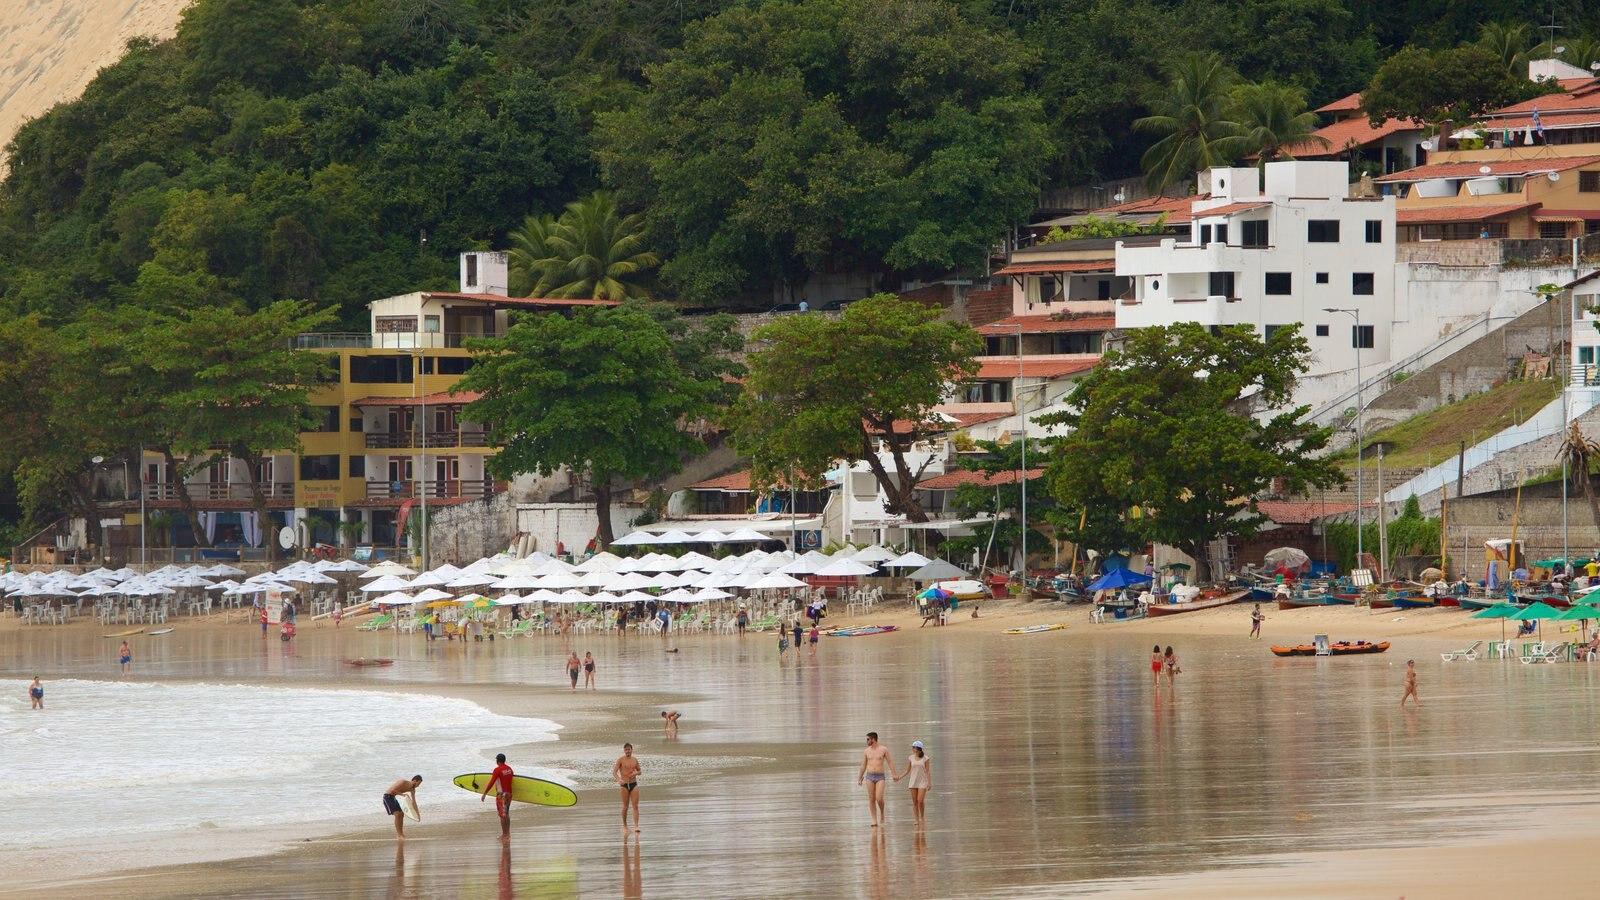 Praia de Ponta Negra que inclui uma praia, uma cidade litorânea e paisagens litorâneas